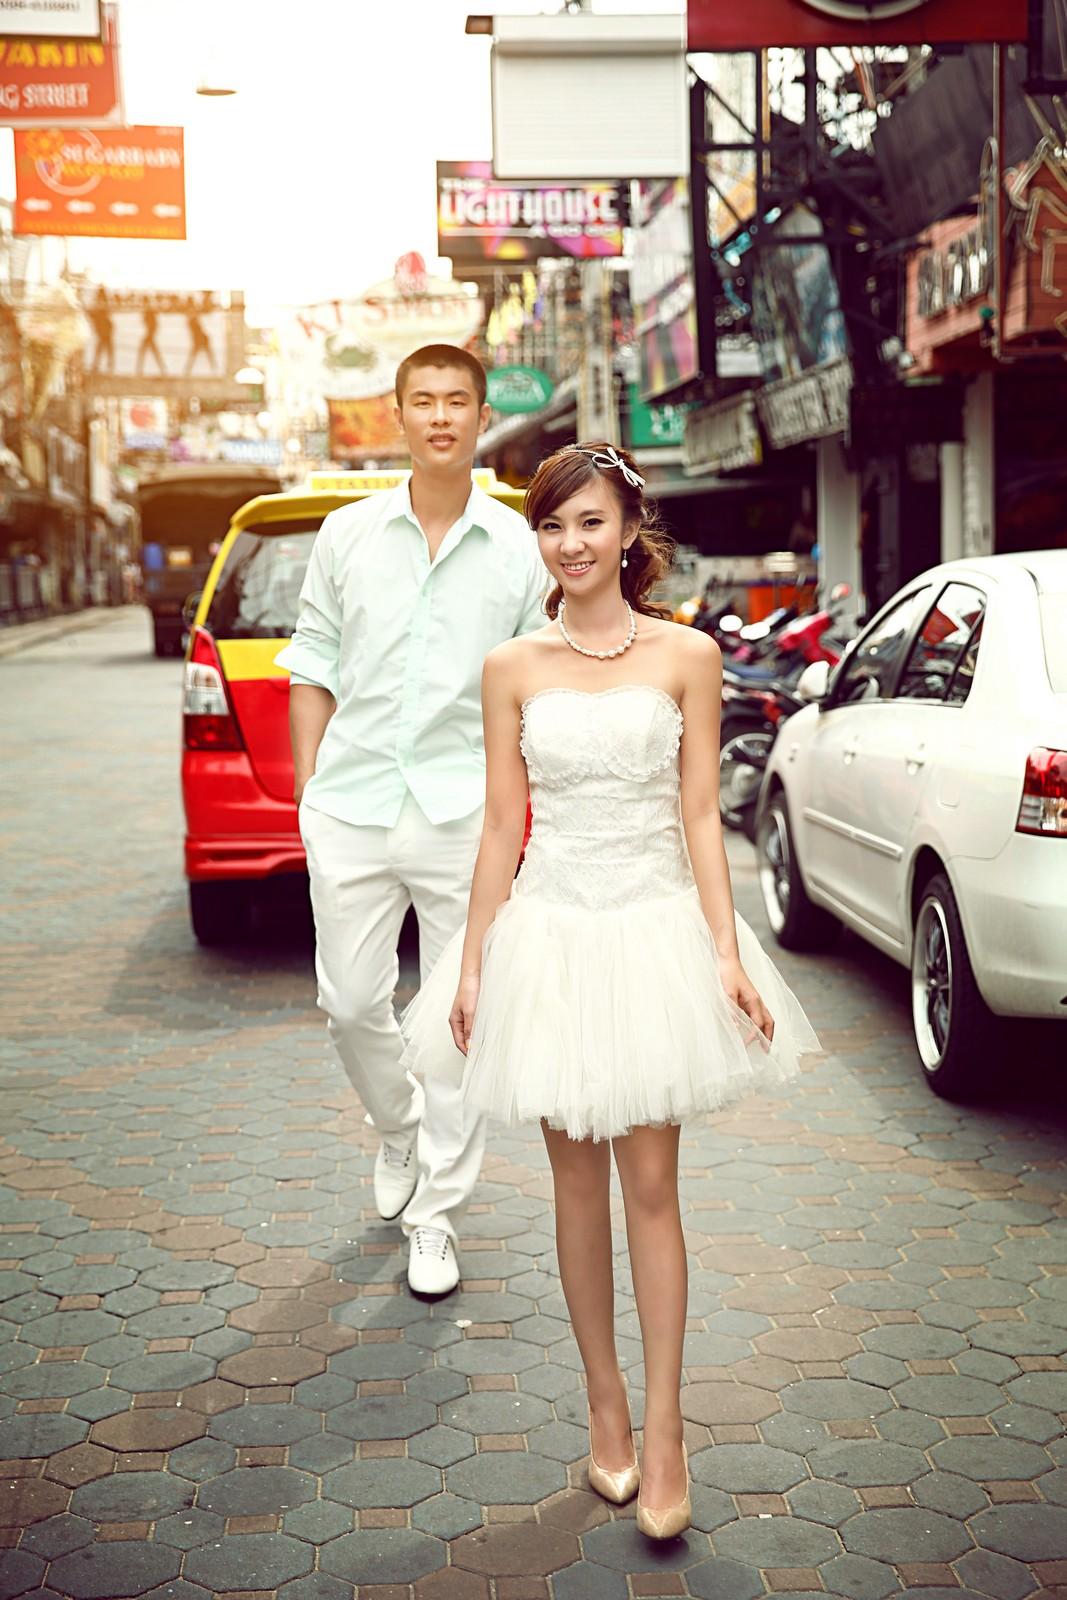 海外婚紗,曼谷拍婚紗,泰國婚紗,海外婚紗推薦,海外婚紗2020